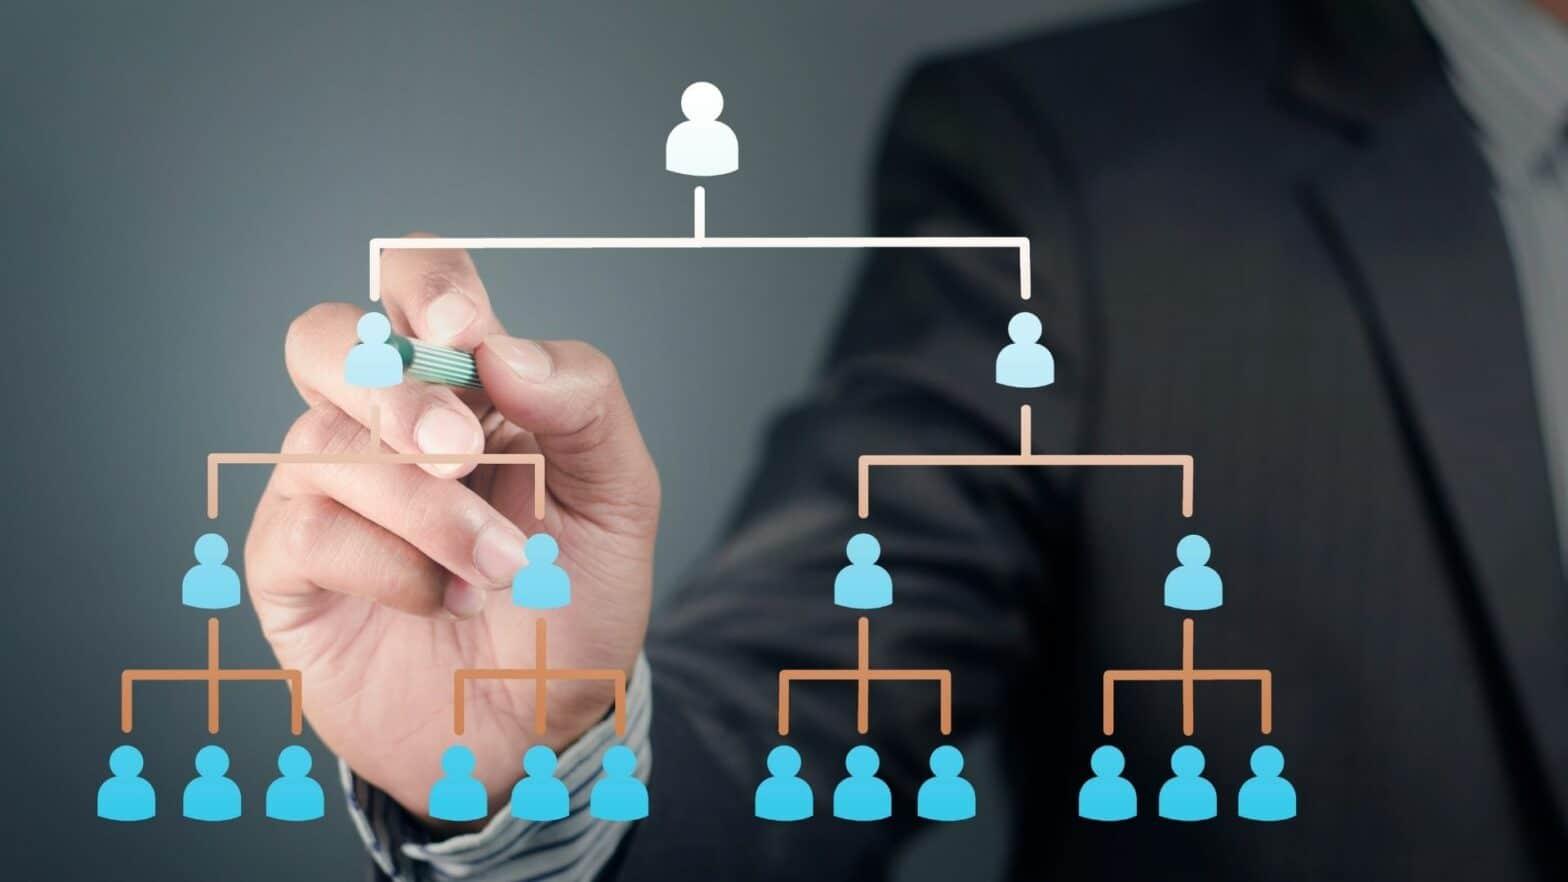 Übersicht über die Strategierberatung, Hierarchie